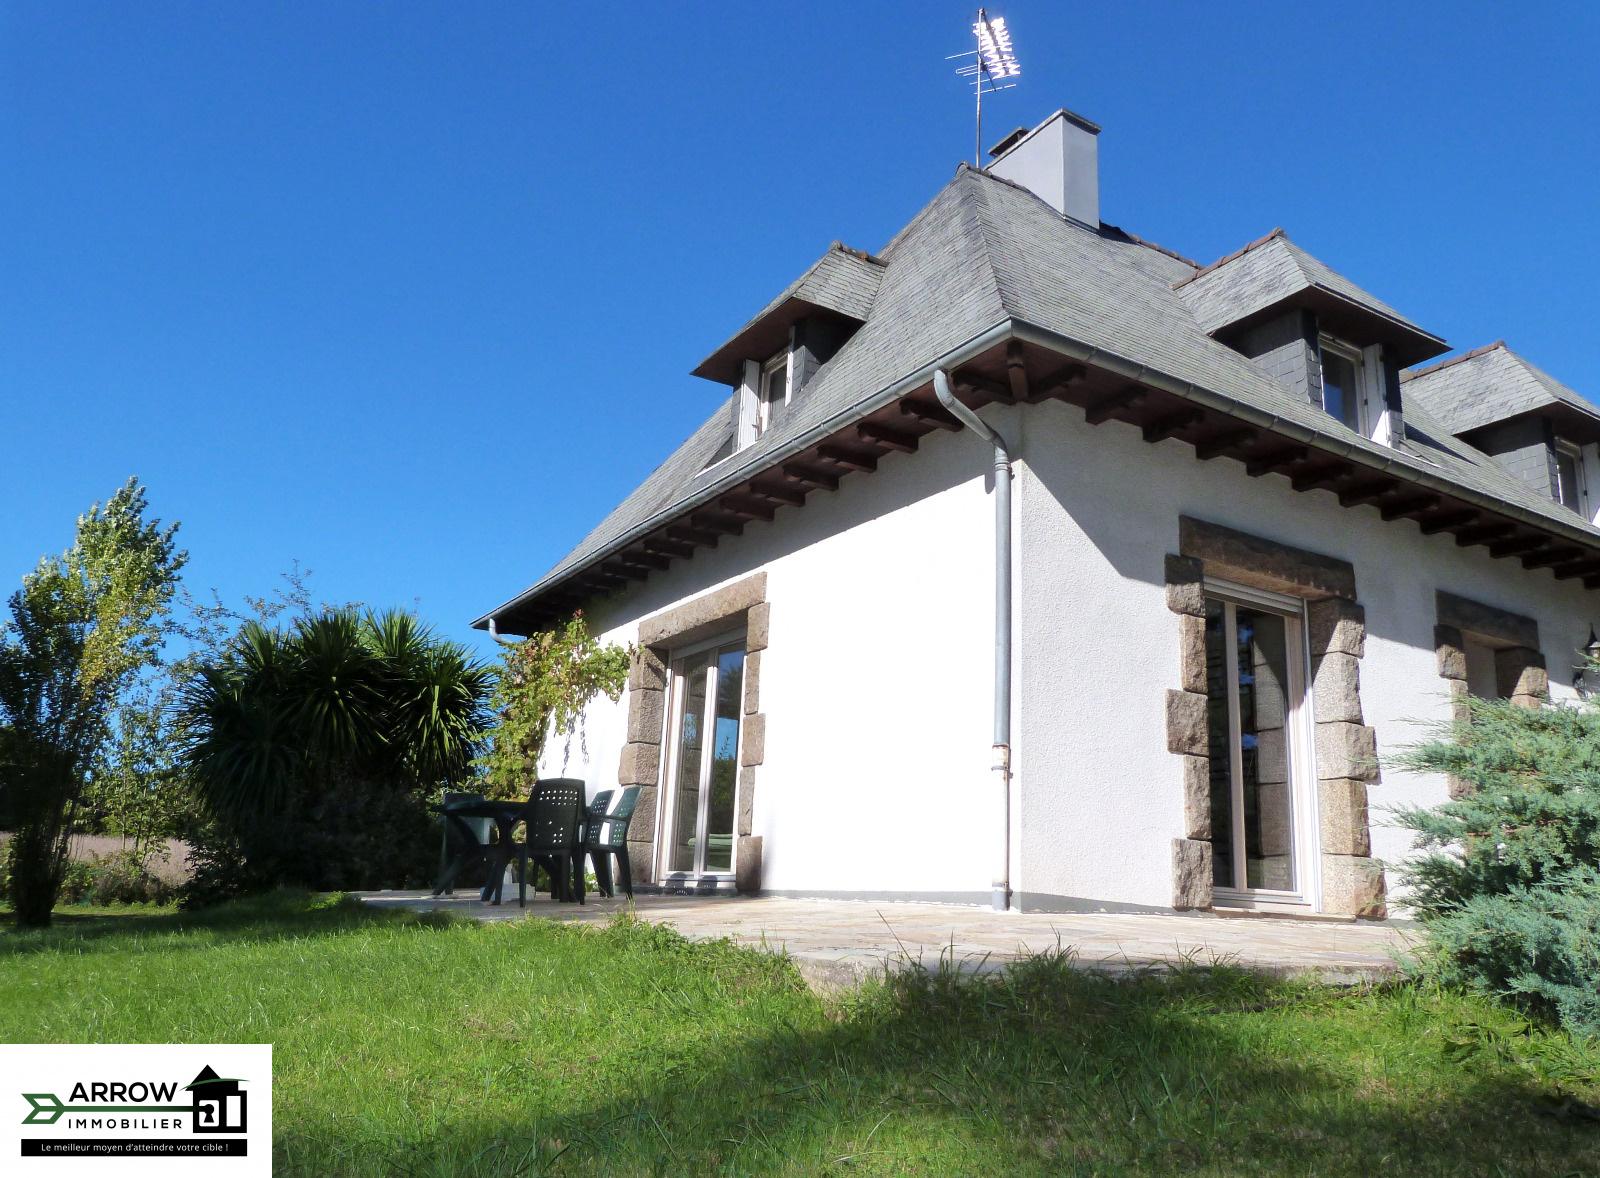 Vente maisons et villas arrow immobilier for Vente bien immobilier atypique